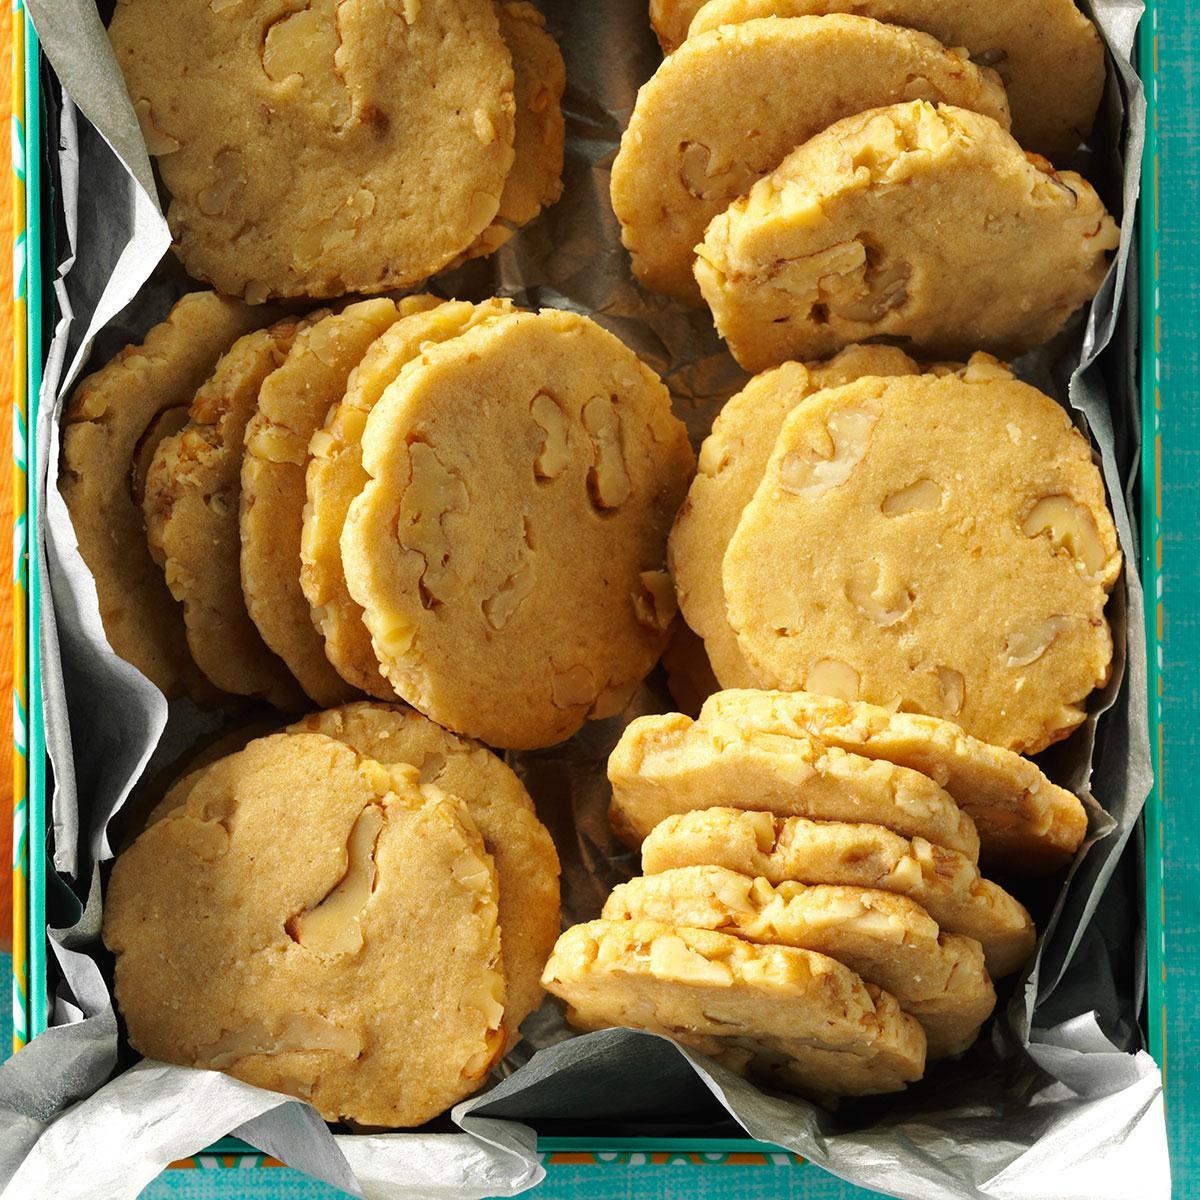 Black Walnut Cookies image